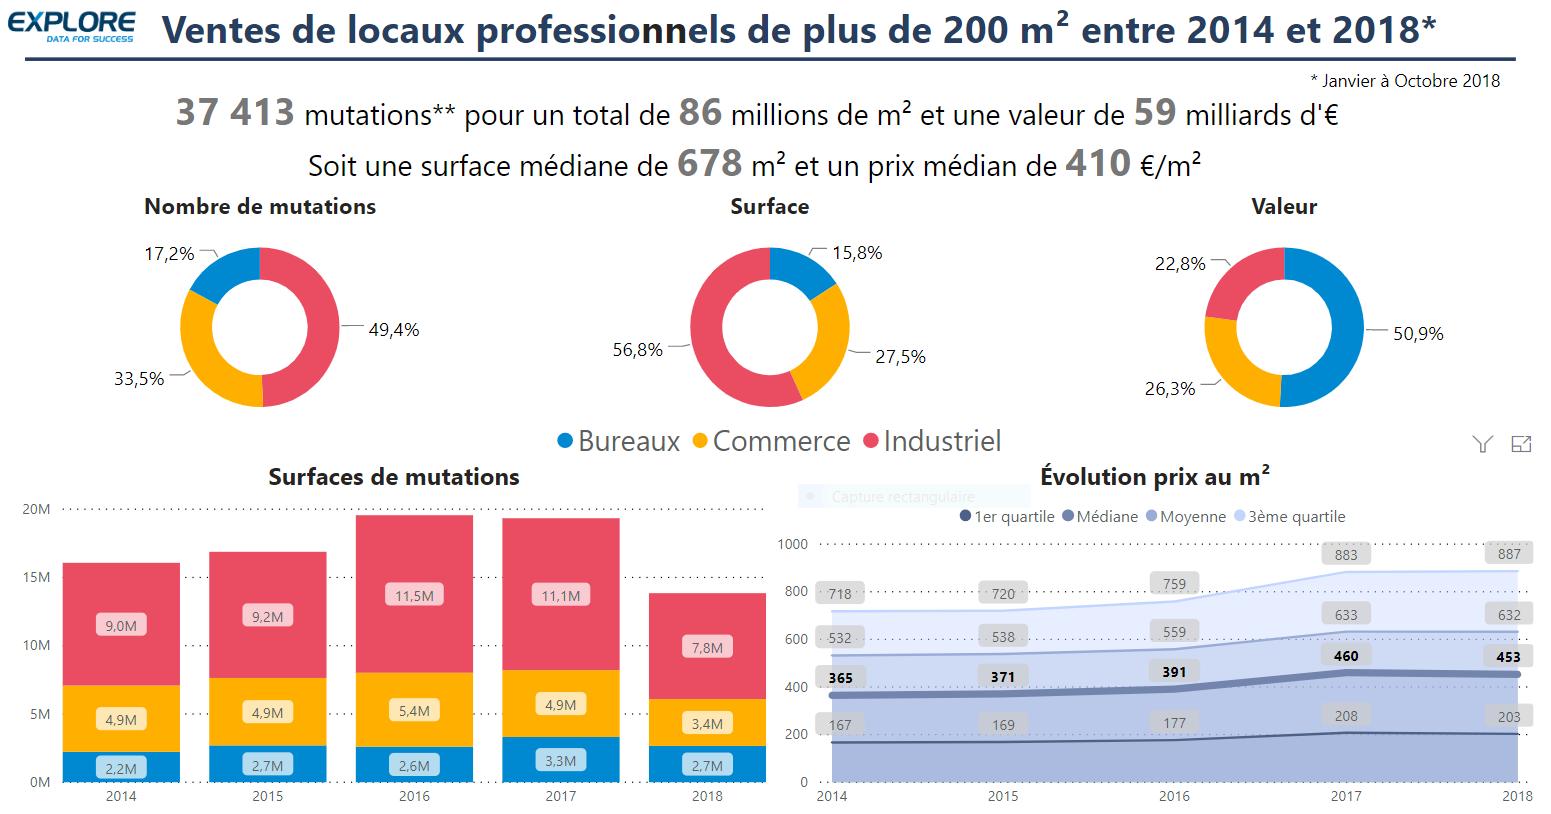 vente de locaux professionnels de plus de 200m² entre 2014 et 2018